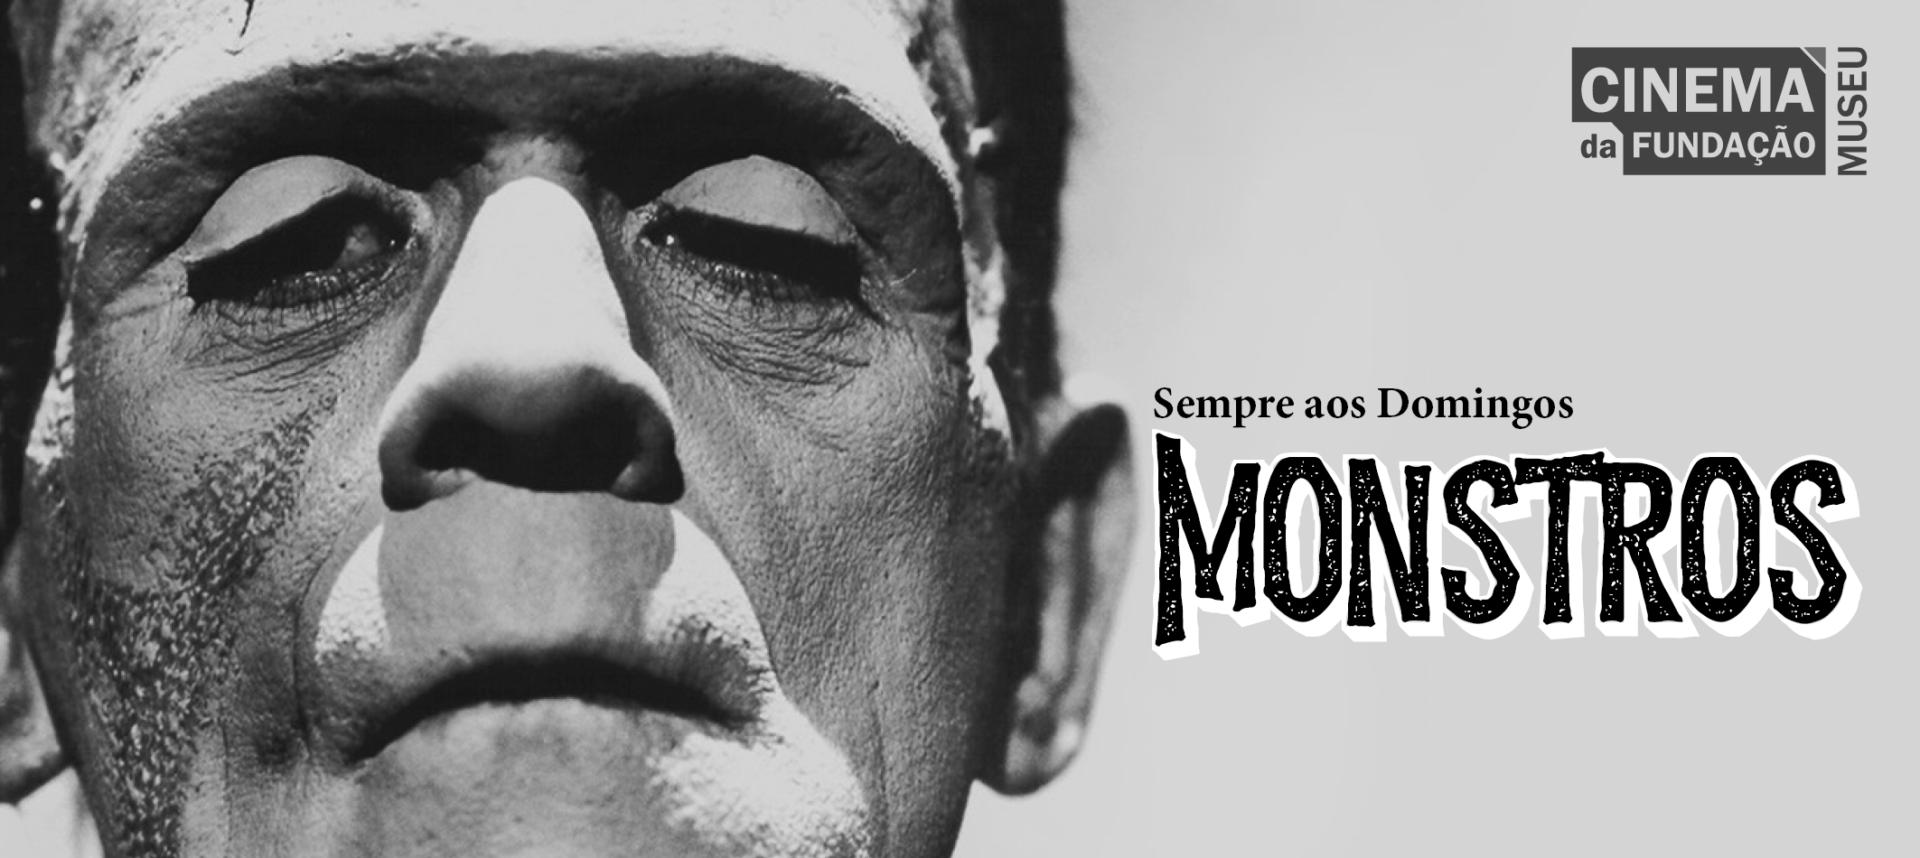 Sempre aos Domingos de Monstros